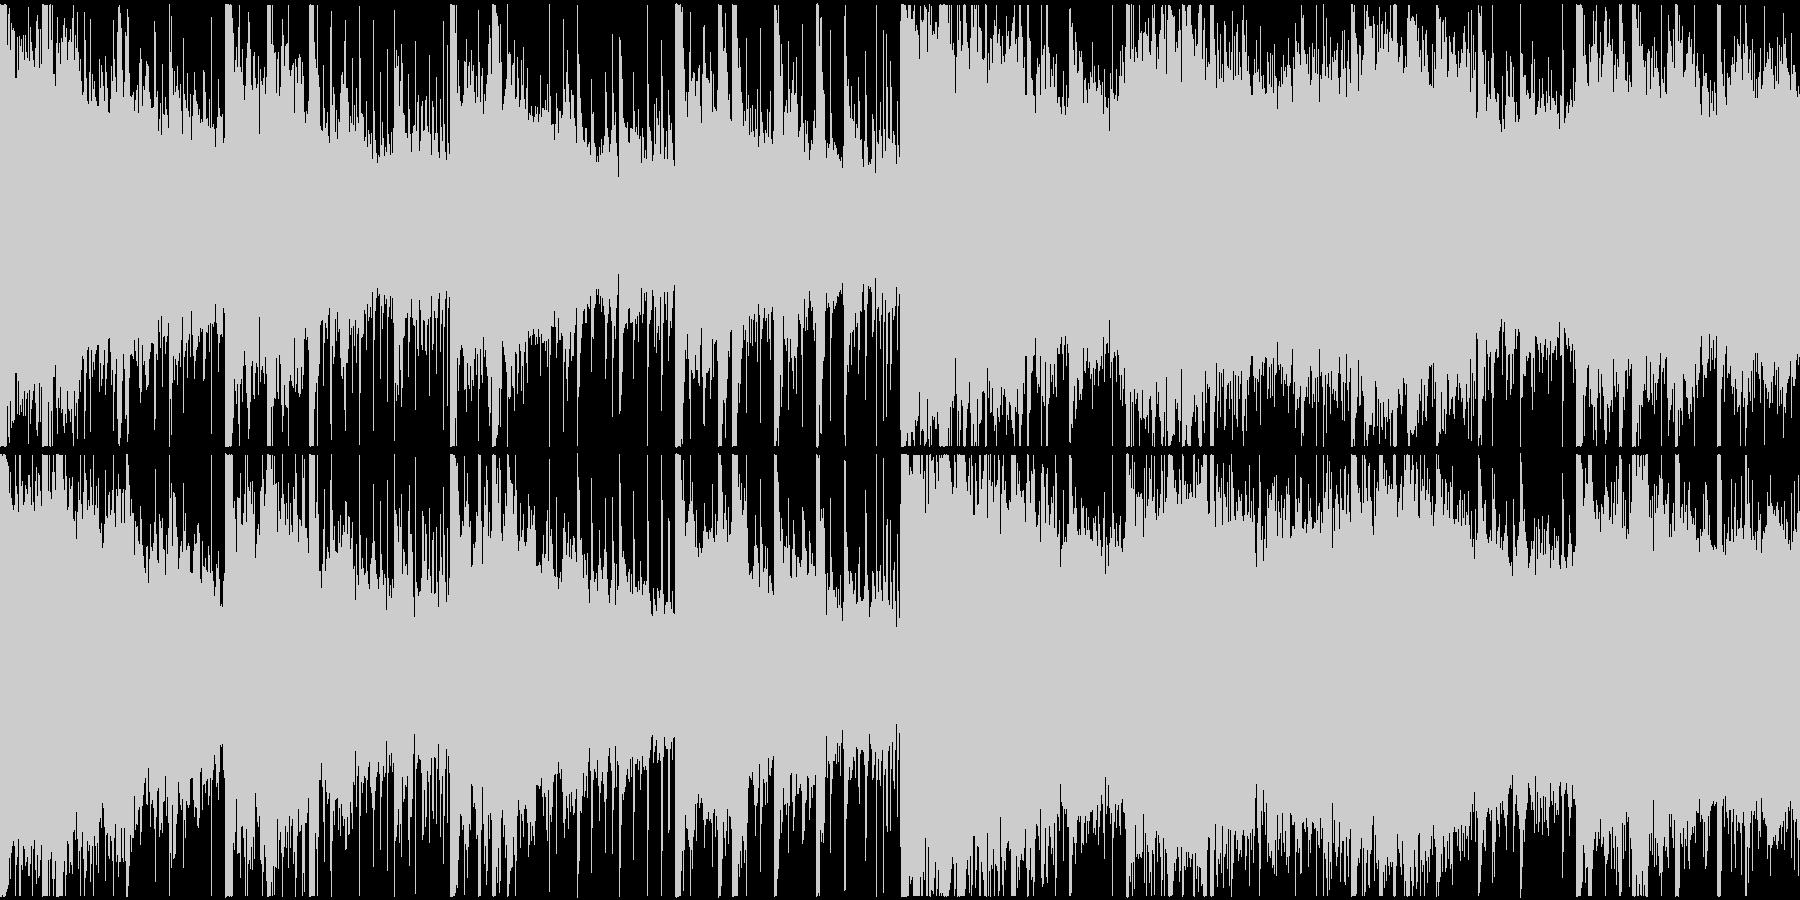 幻想的で穏やかなエレクトロR&Bショートの未再生の波形